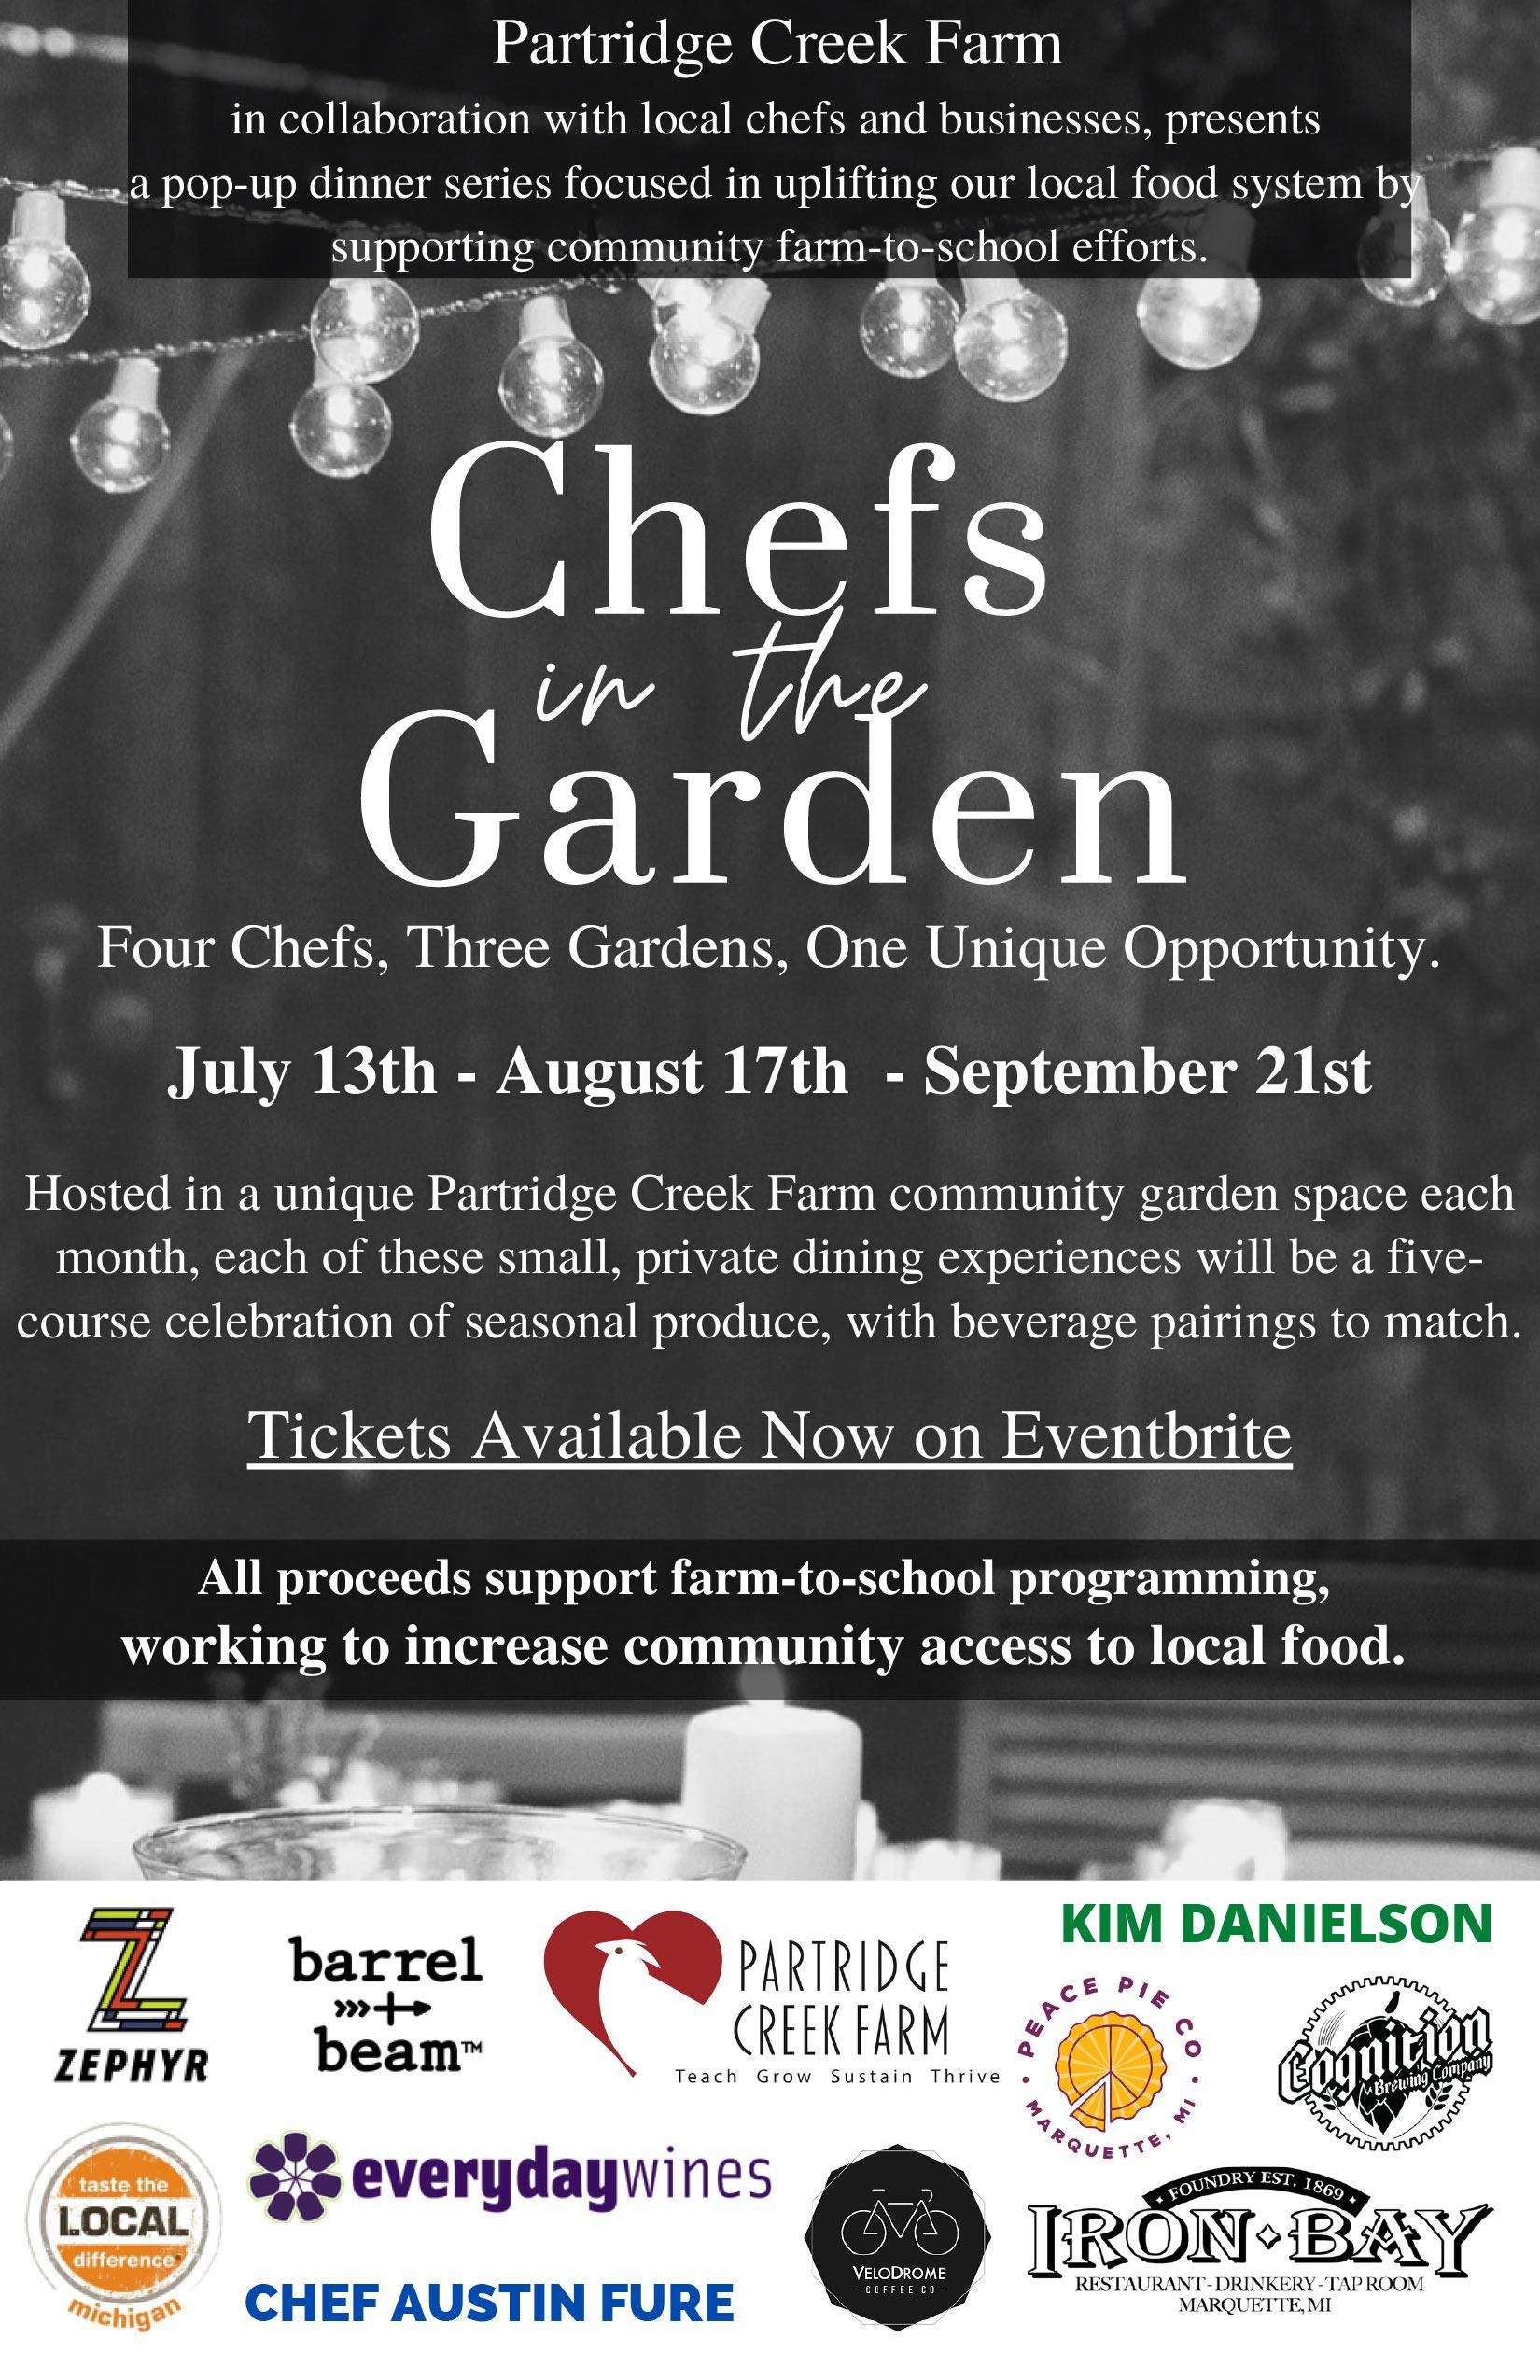 Chefs-in-the-Garden-Flyer